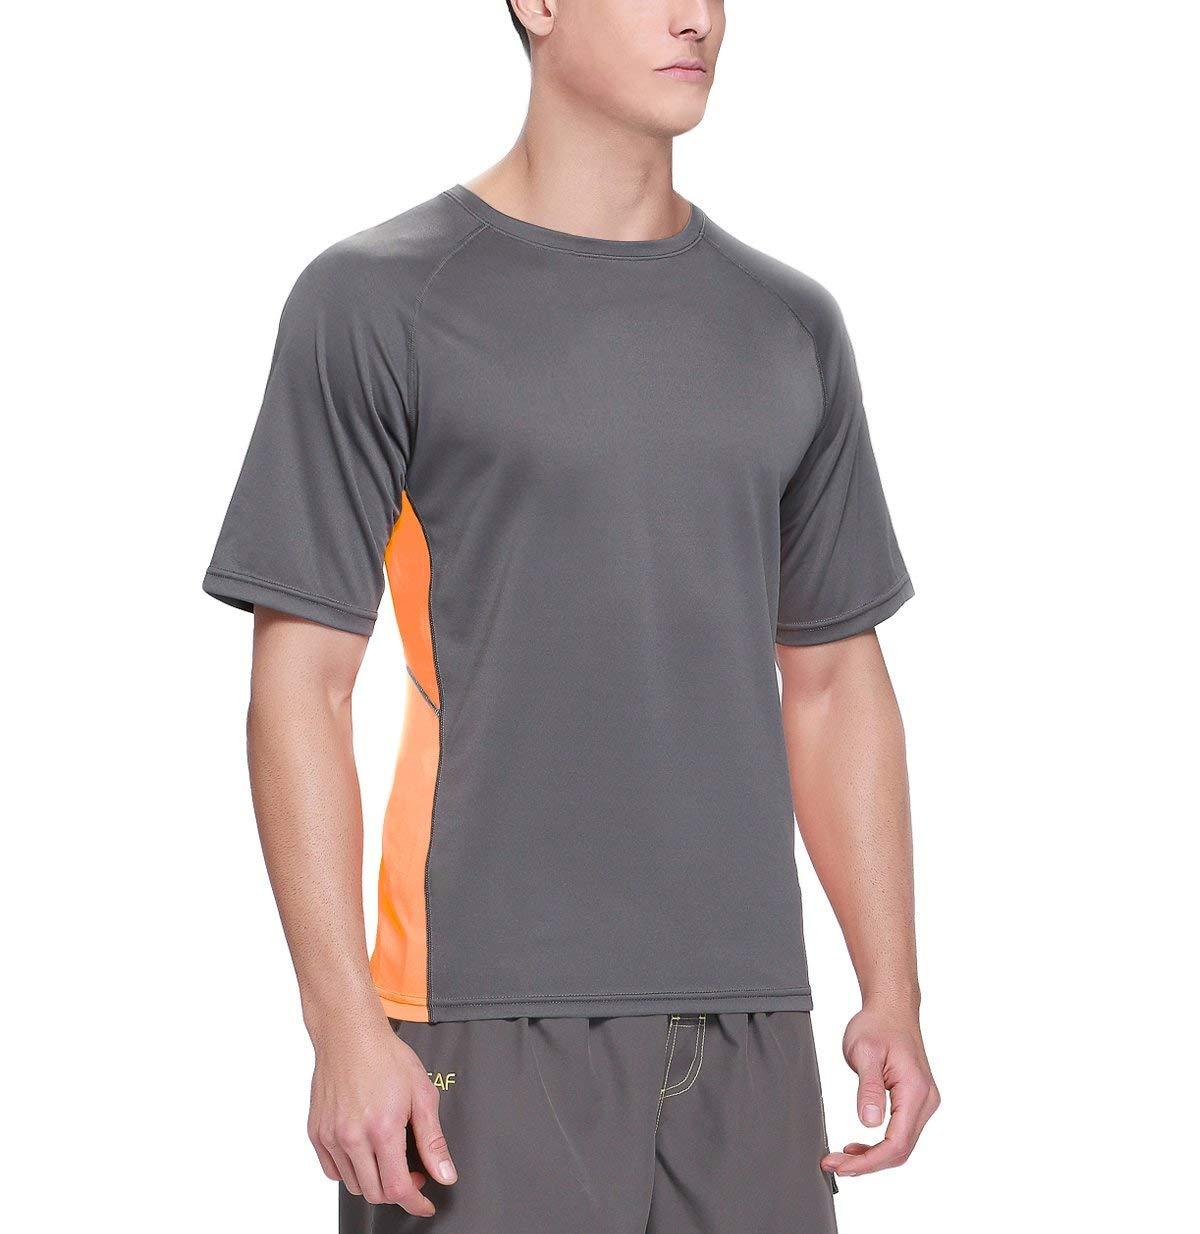 Baleaf Men's Short Sleeve Sun Protection Rashguard Swim Shirt UPF 50+ Dark Grey M by Baleaf (Image #4)